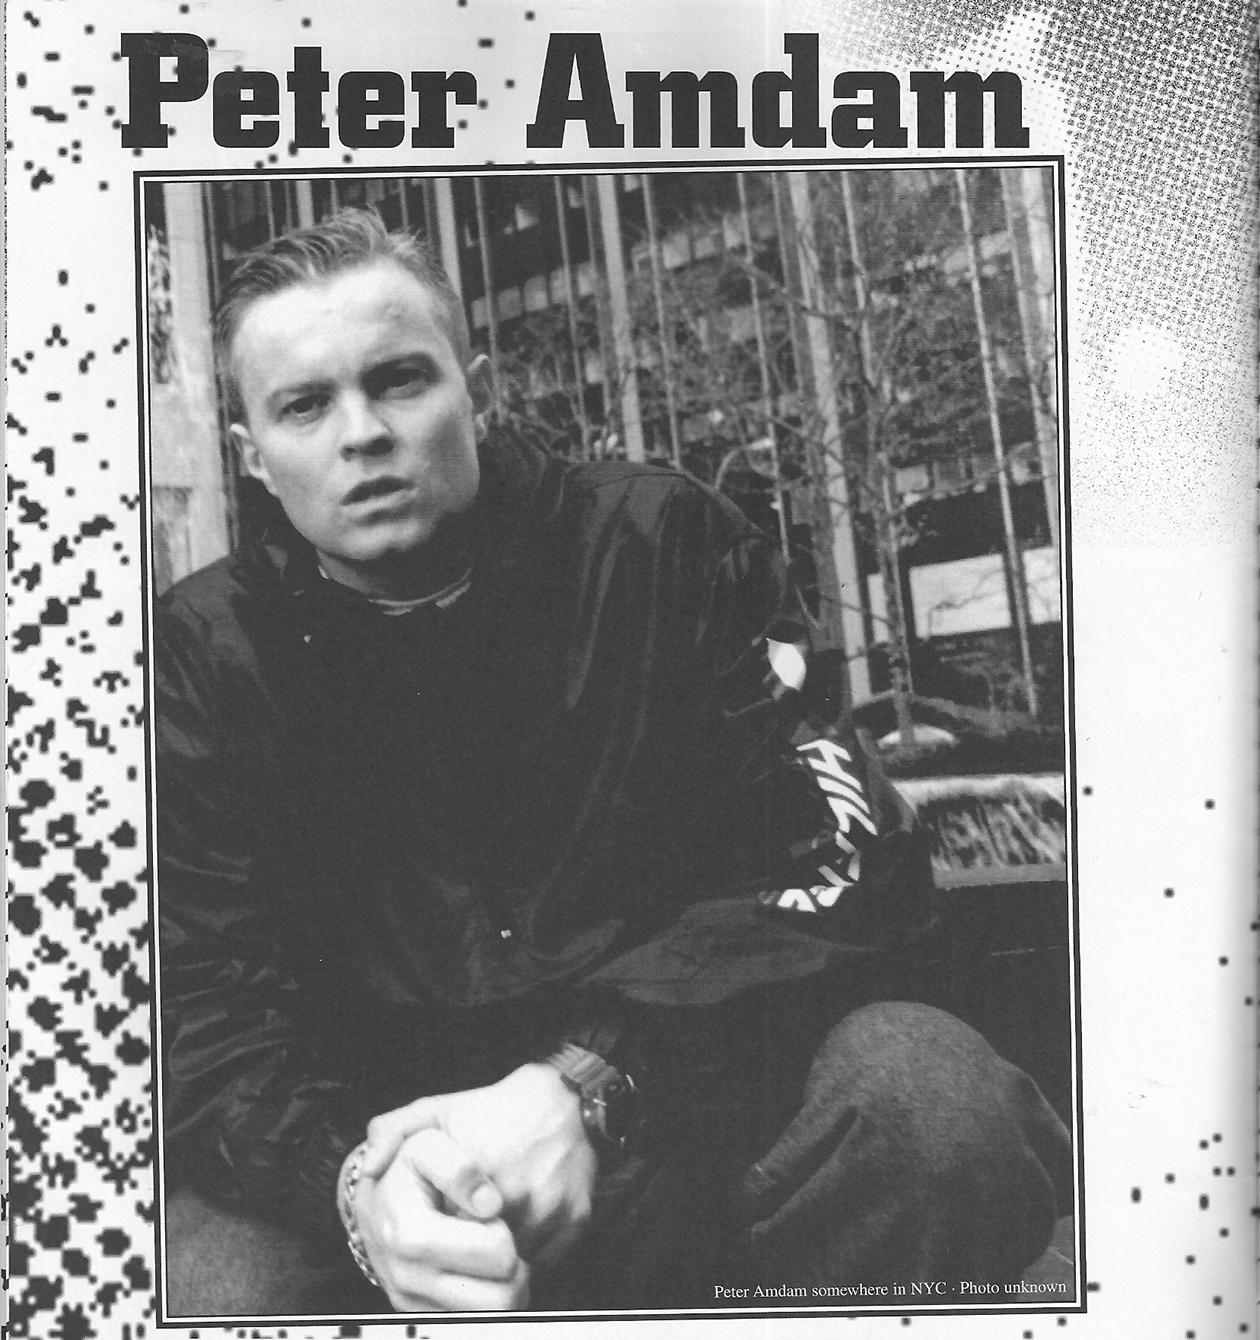 Peter Amdam Interview 2007